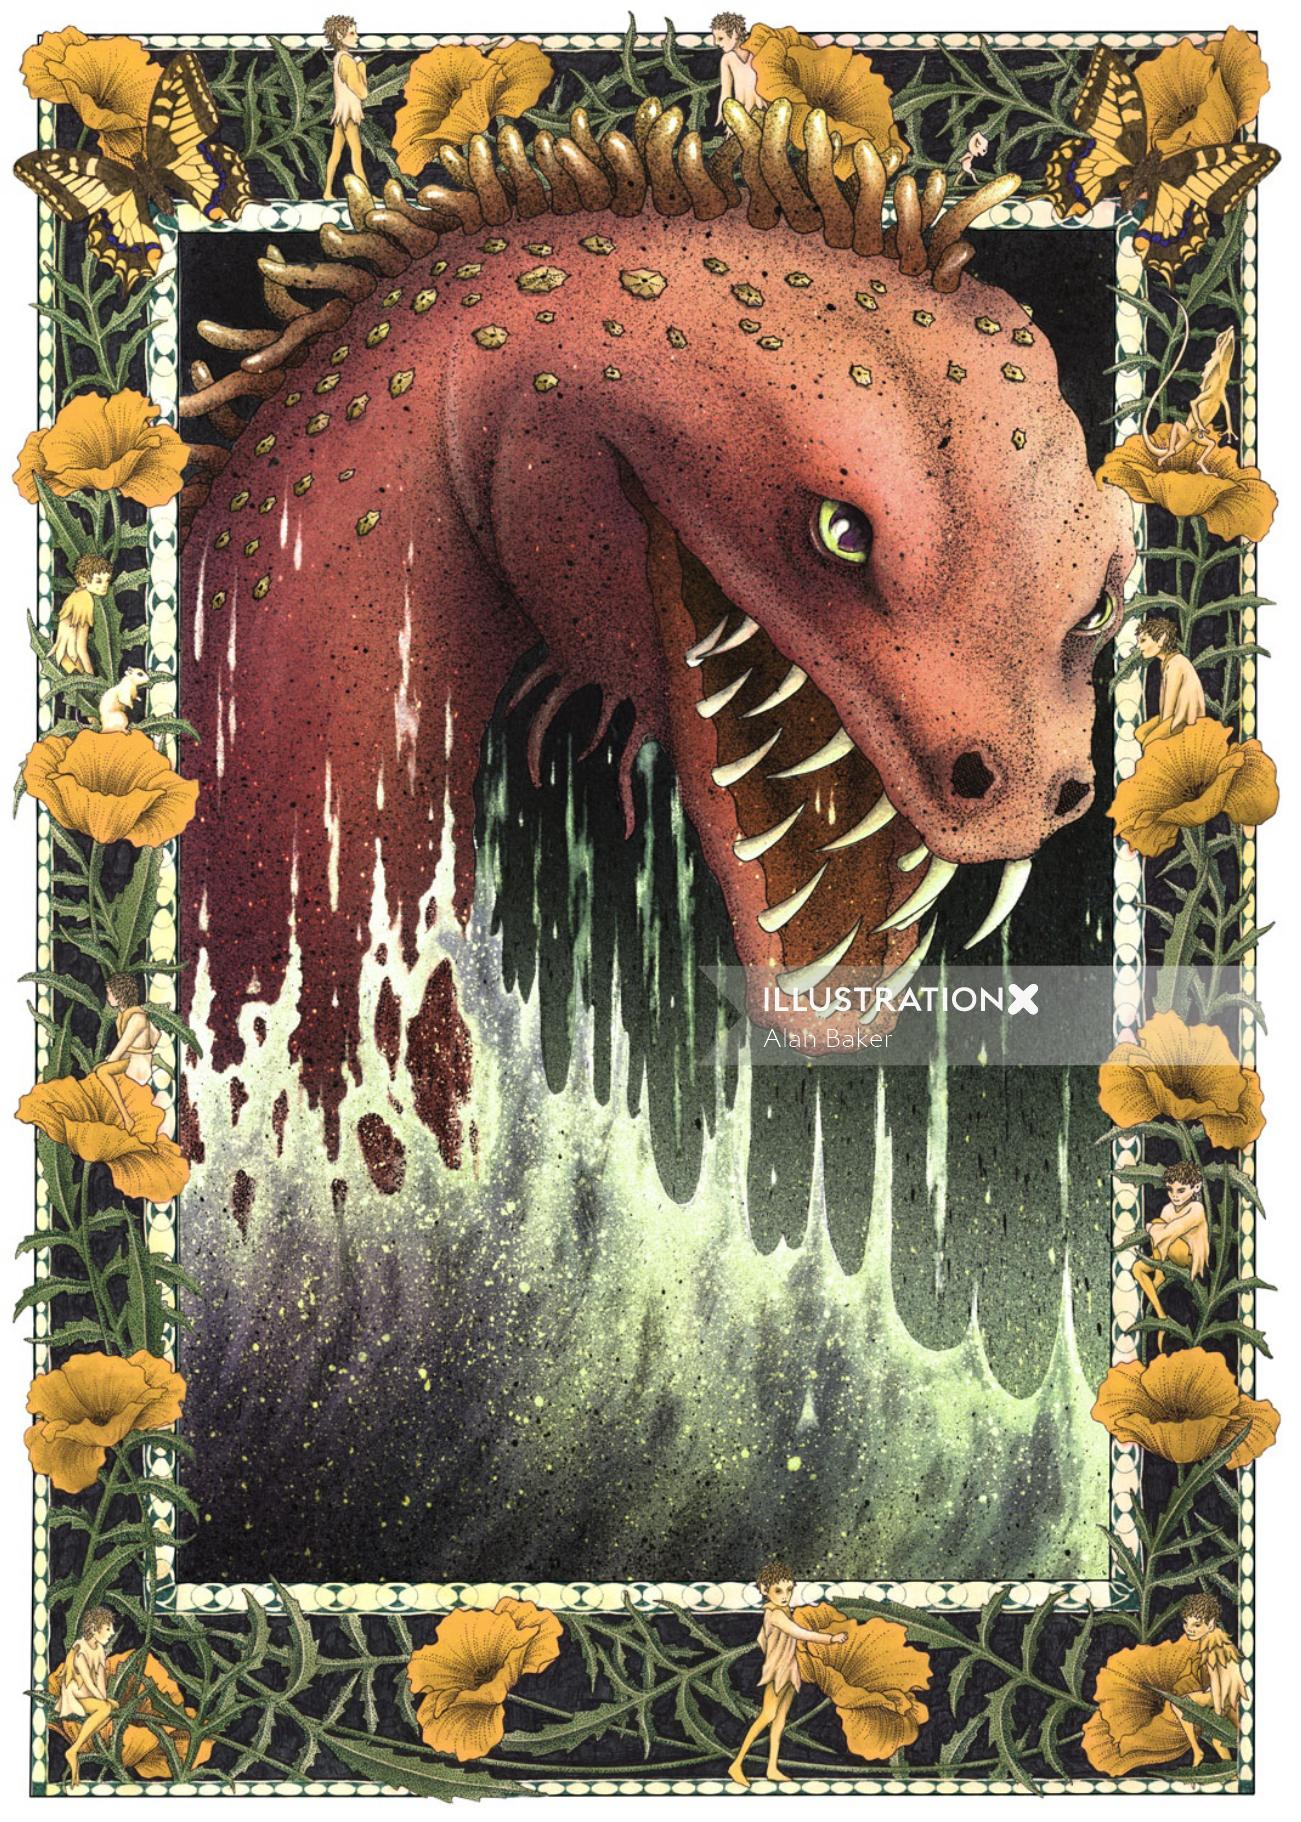 Sea monster illustration Alan Baker